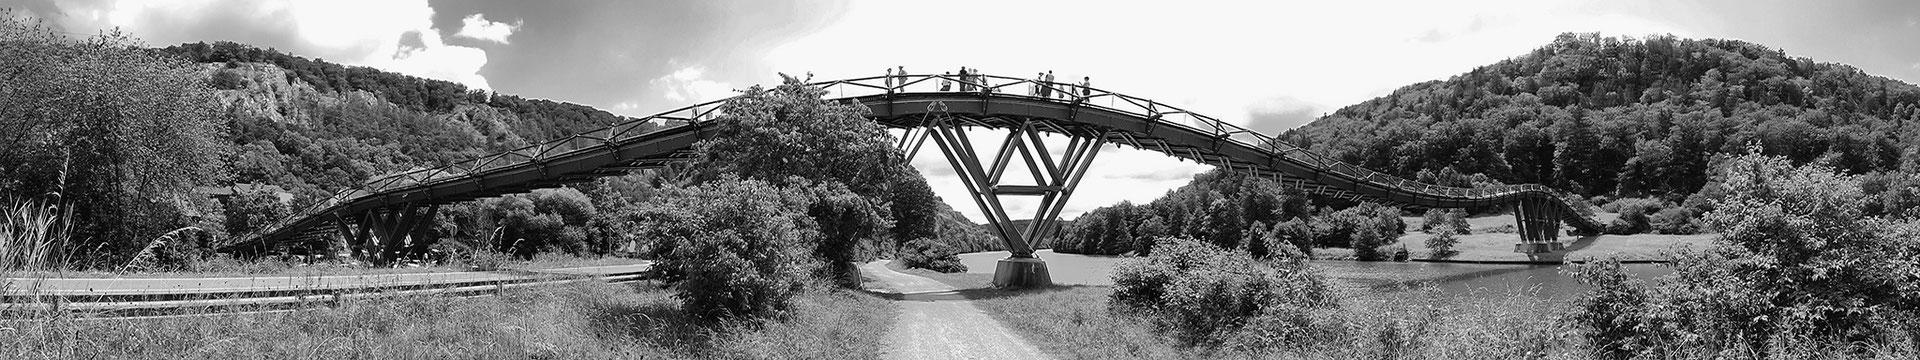 Holzbrücke Essing (Main-Donau-Kanal)